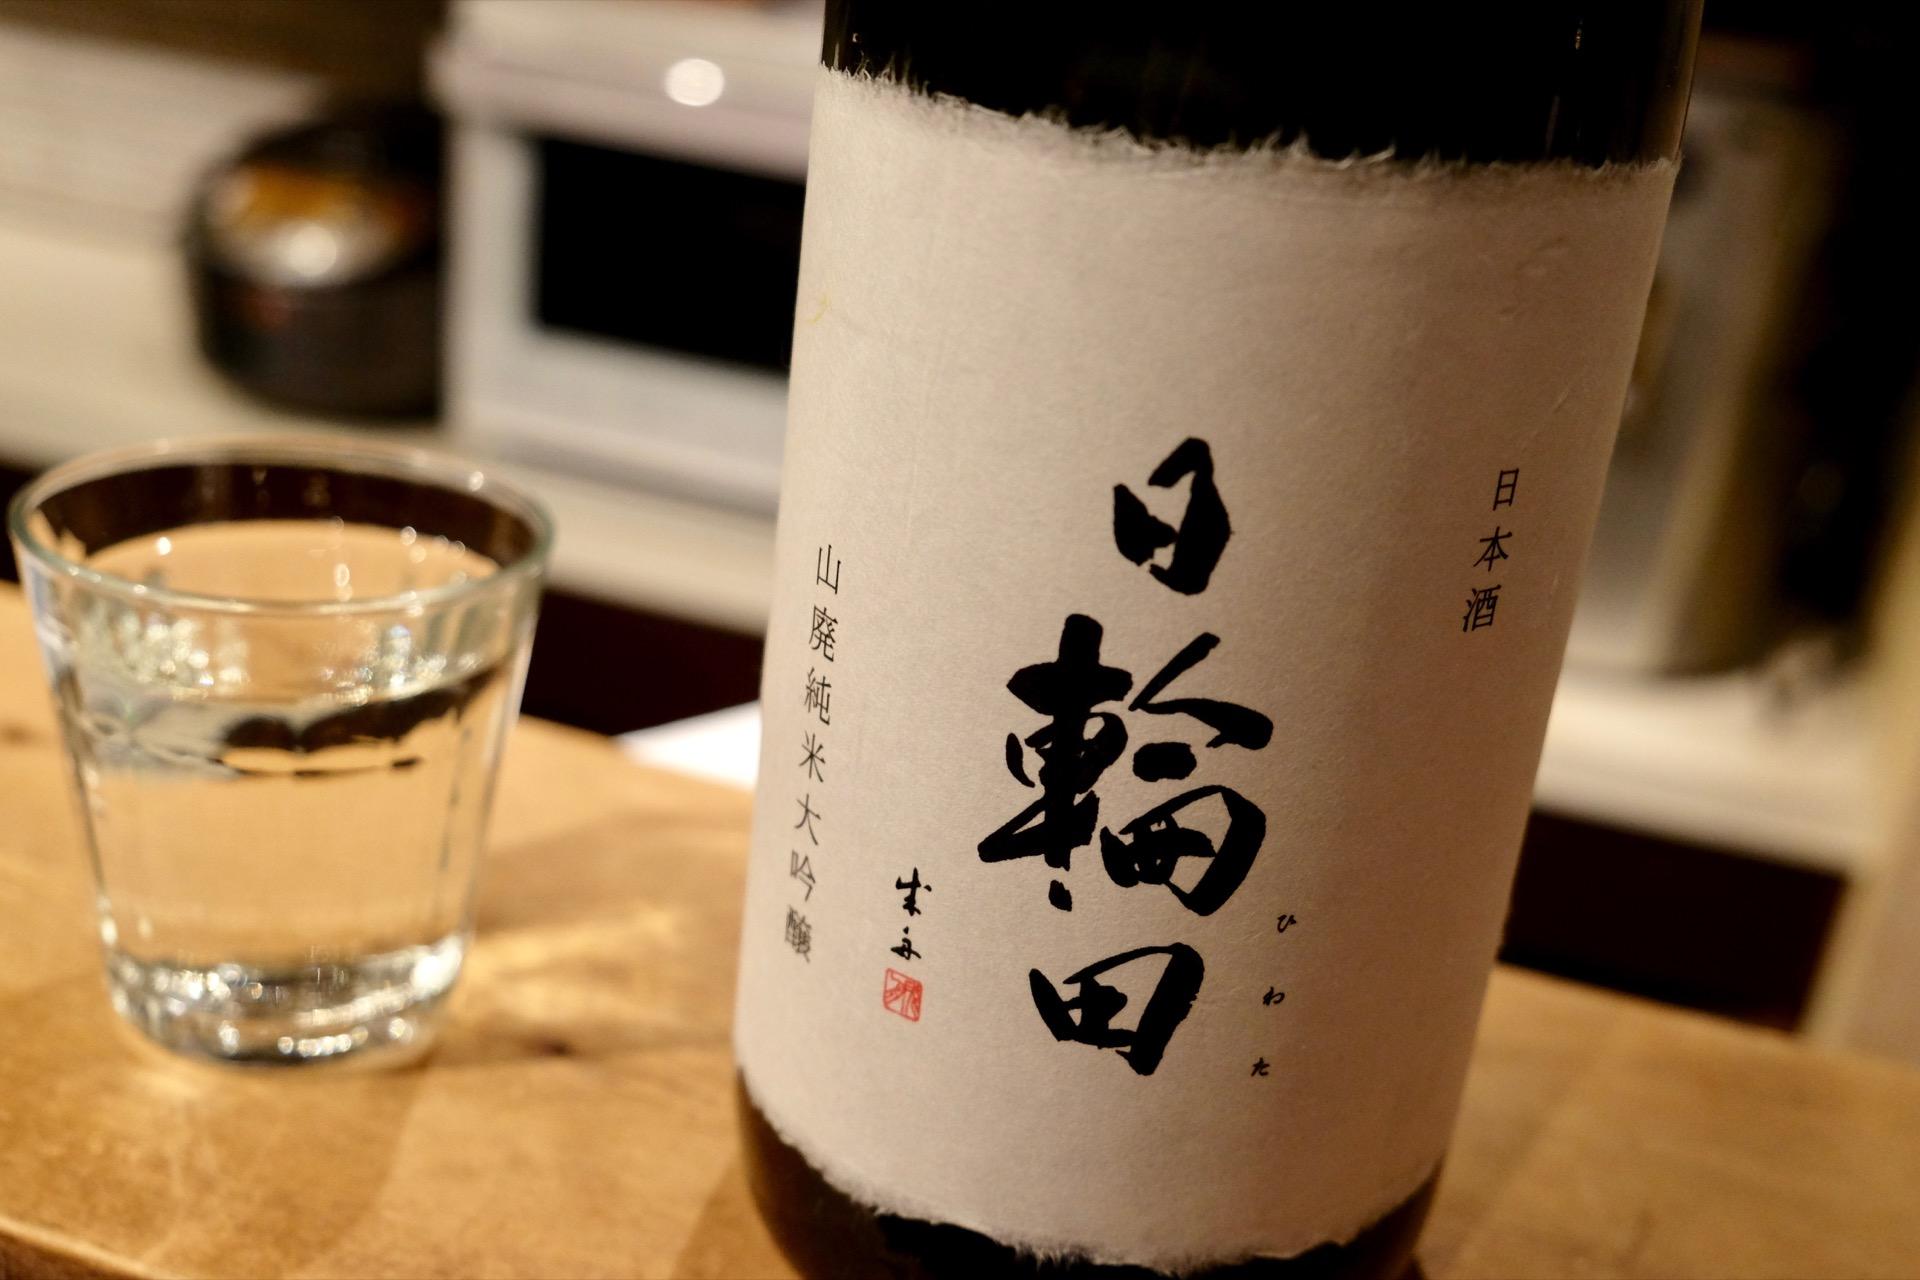 日輪田 山廃純米大吟醸|日本酒テイスティングノート